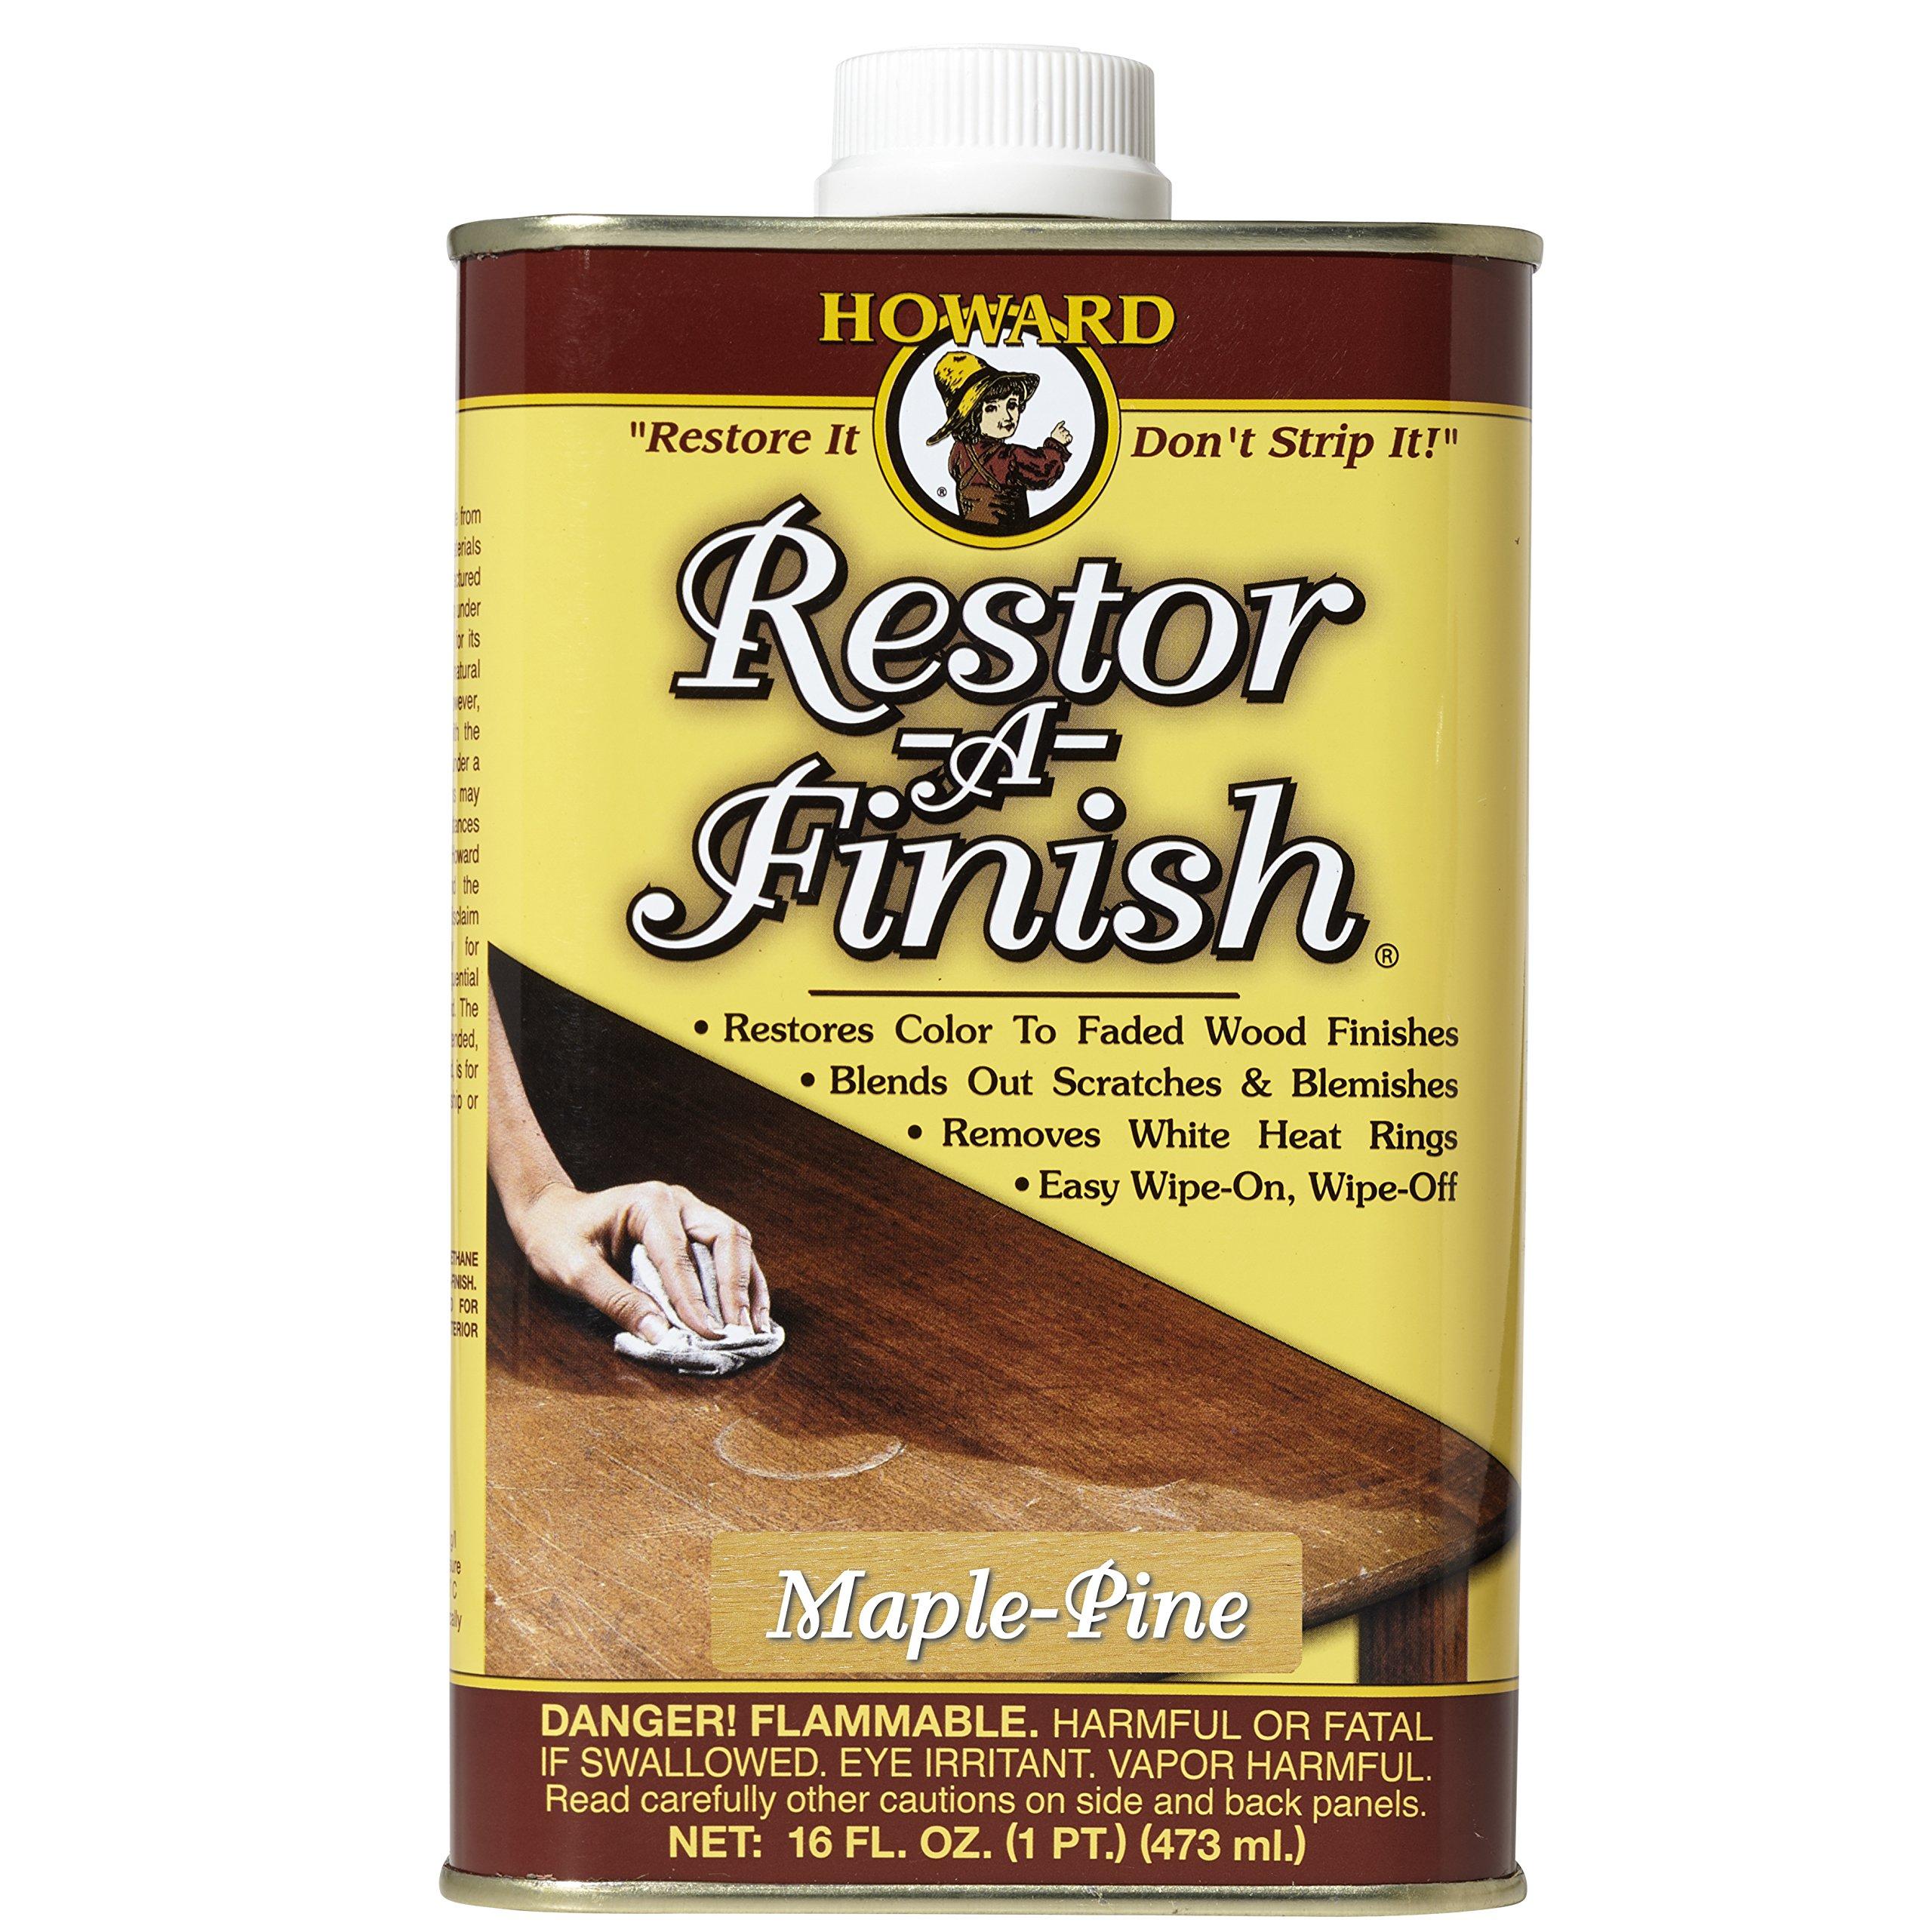 Howard RF2016 Restor-A-Finish, 16-Ounce, Maple-Pine